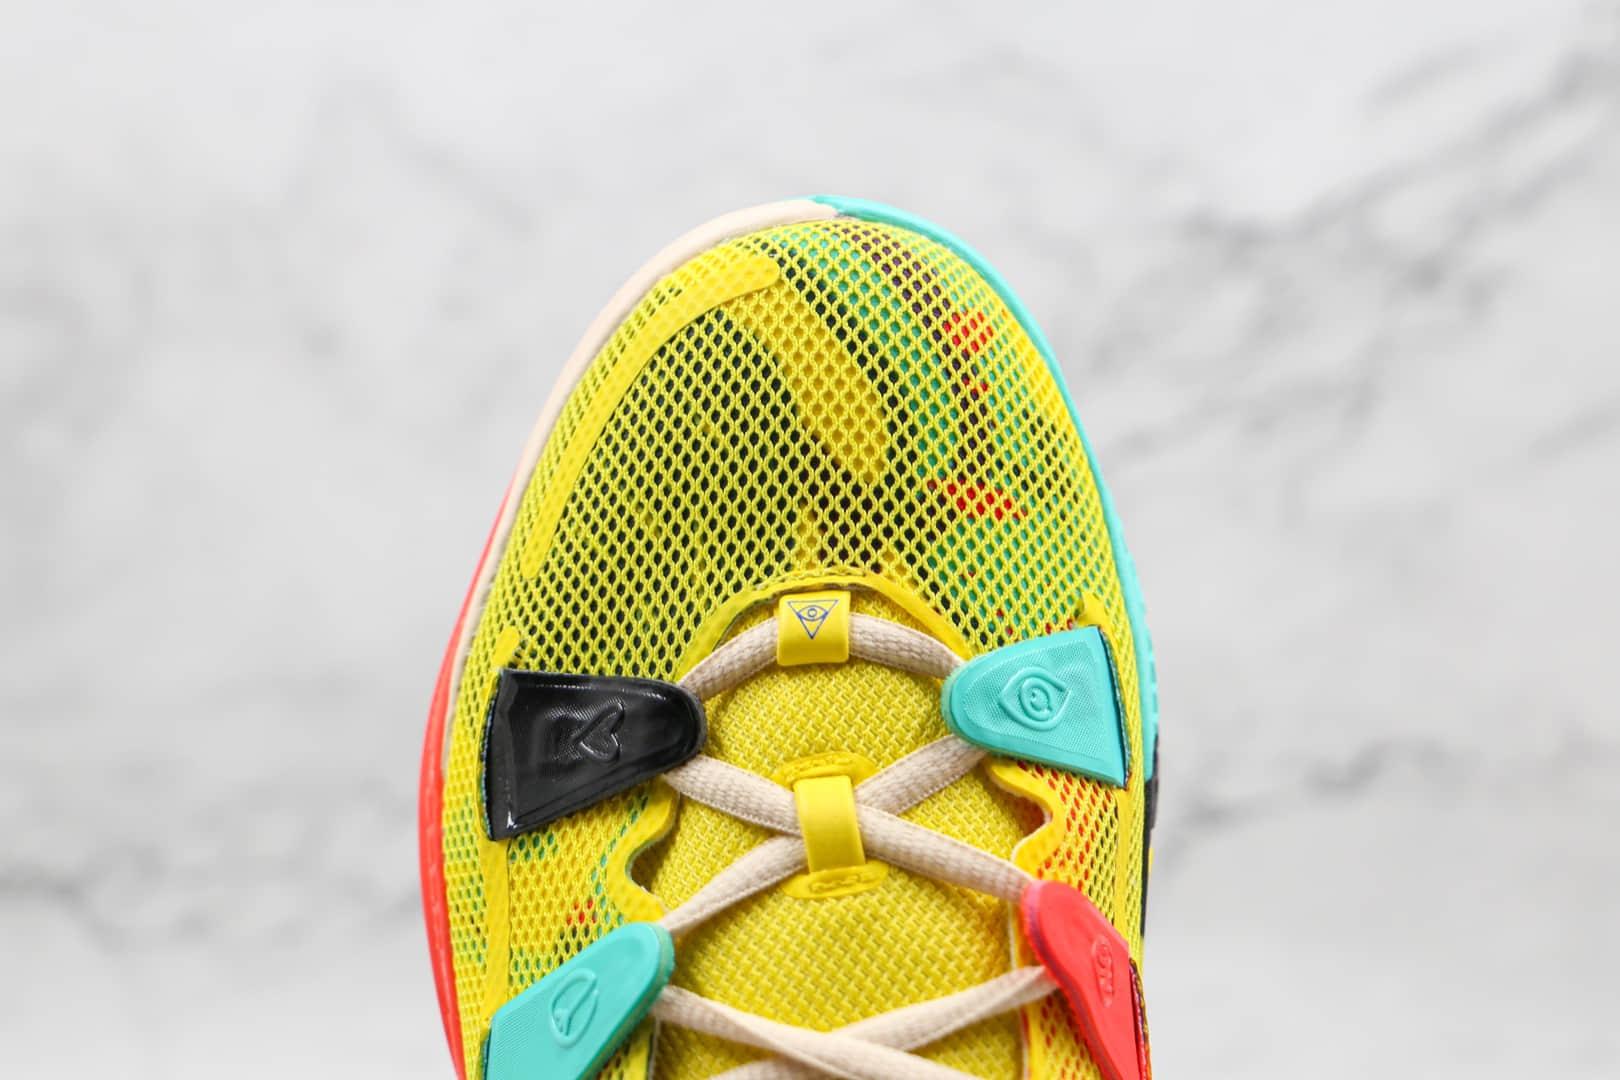 耐克Nike Kyrie 7 EP纯原版本欧文7代电动黄色篮球鞋内置气垫支持实战 货号:CT4080-700